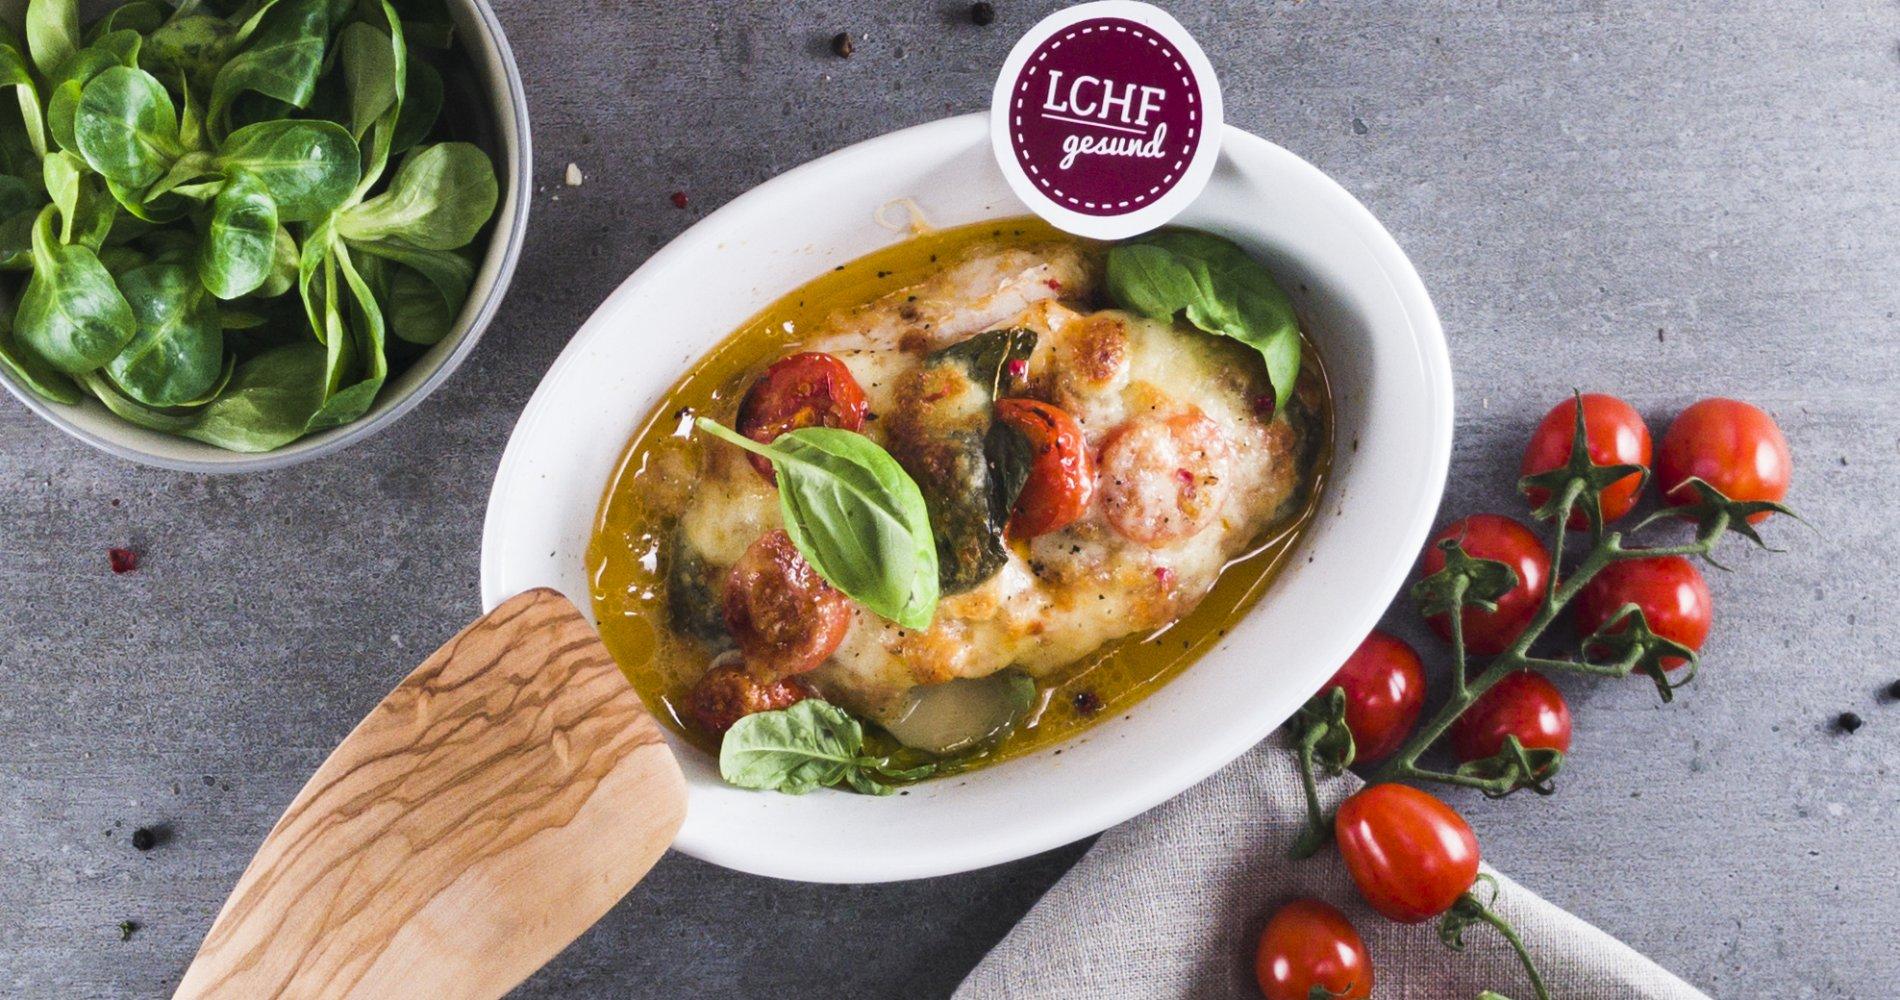 Rezept Low Carb: Pesto-Ofenhähnchen  - LCHF-gesund.de